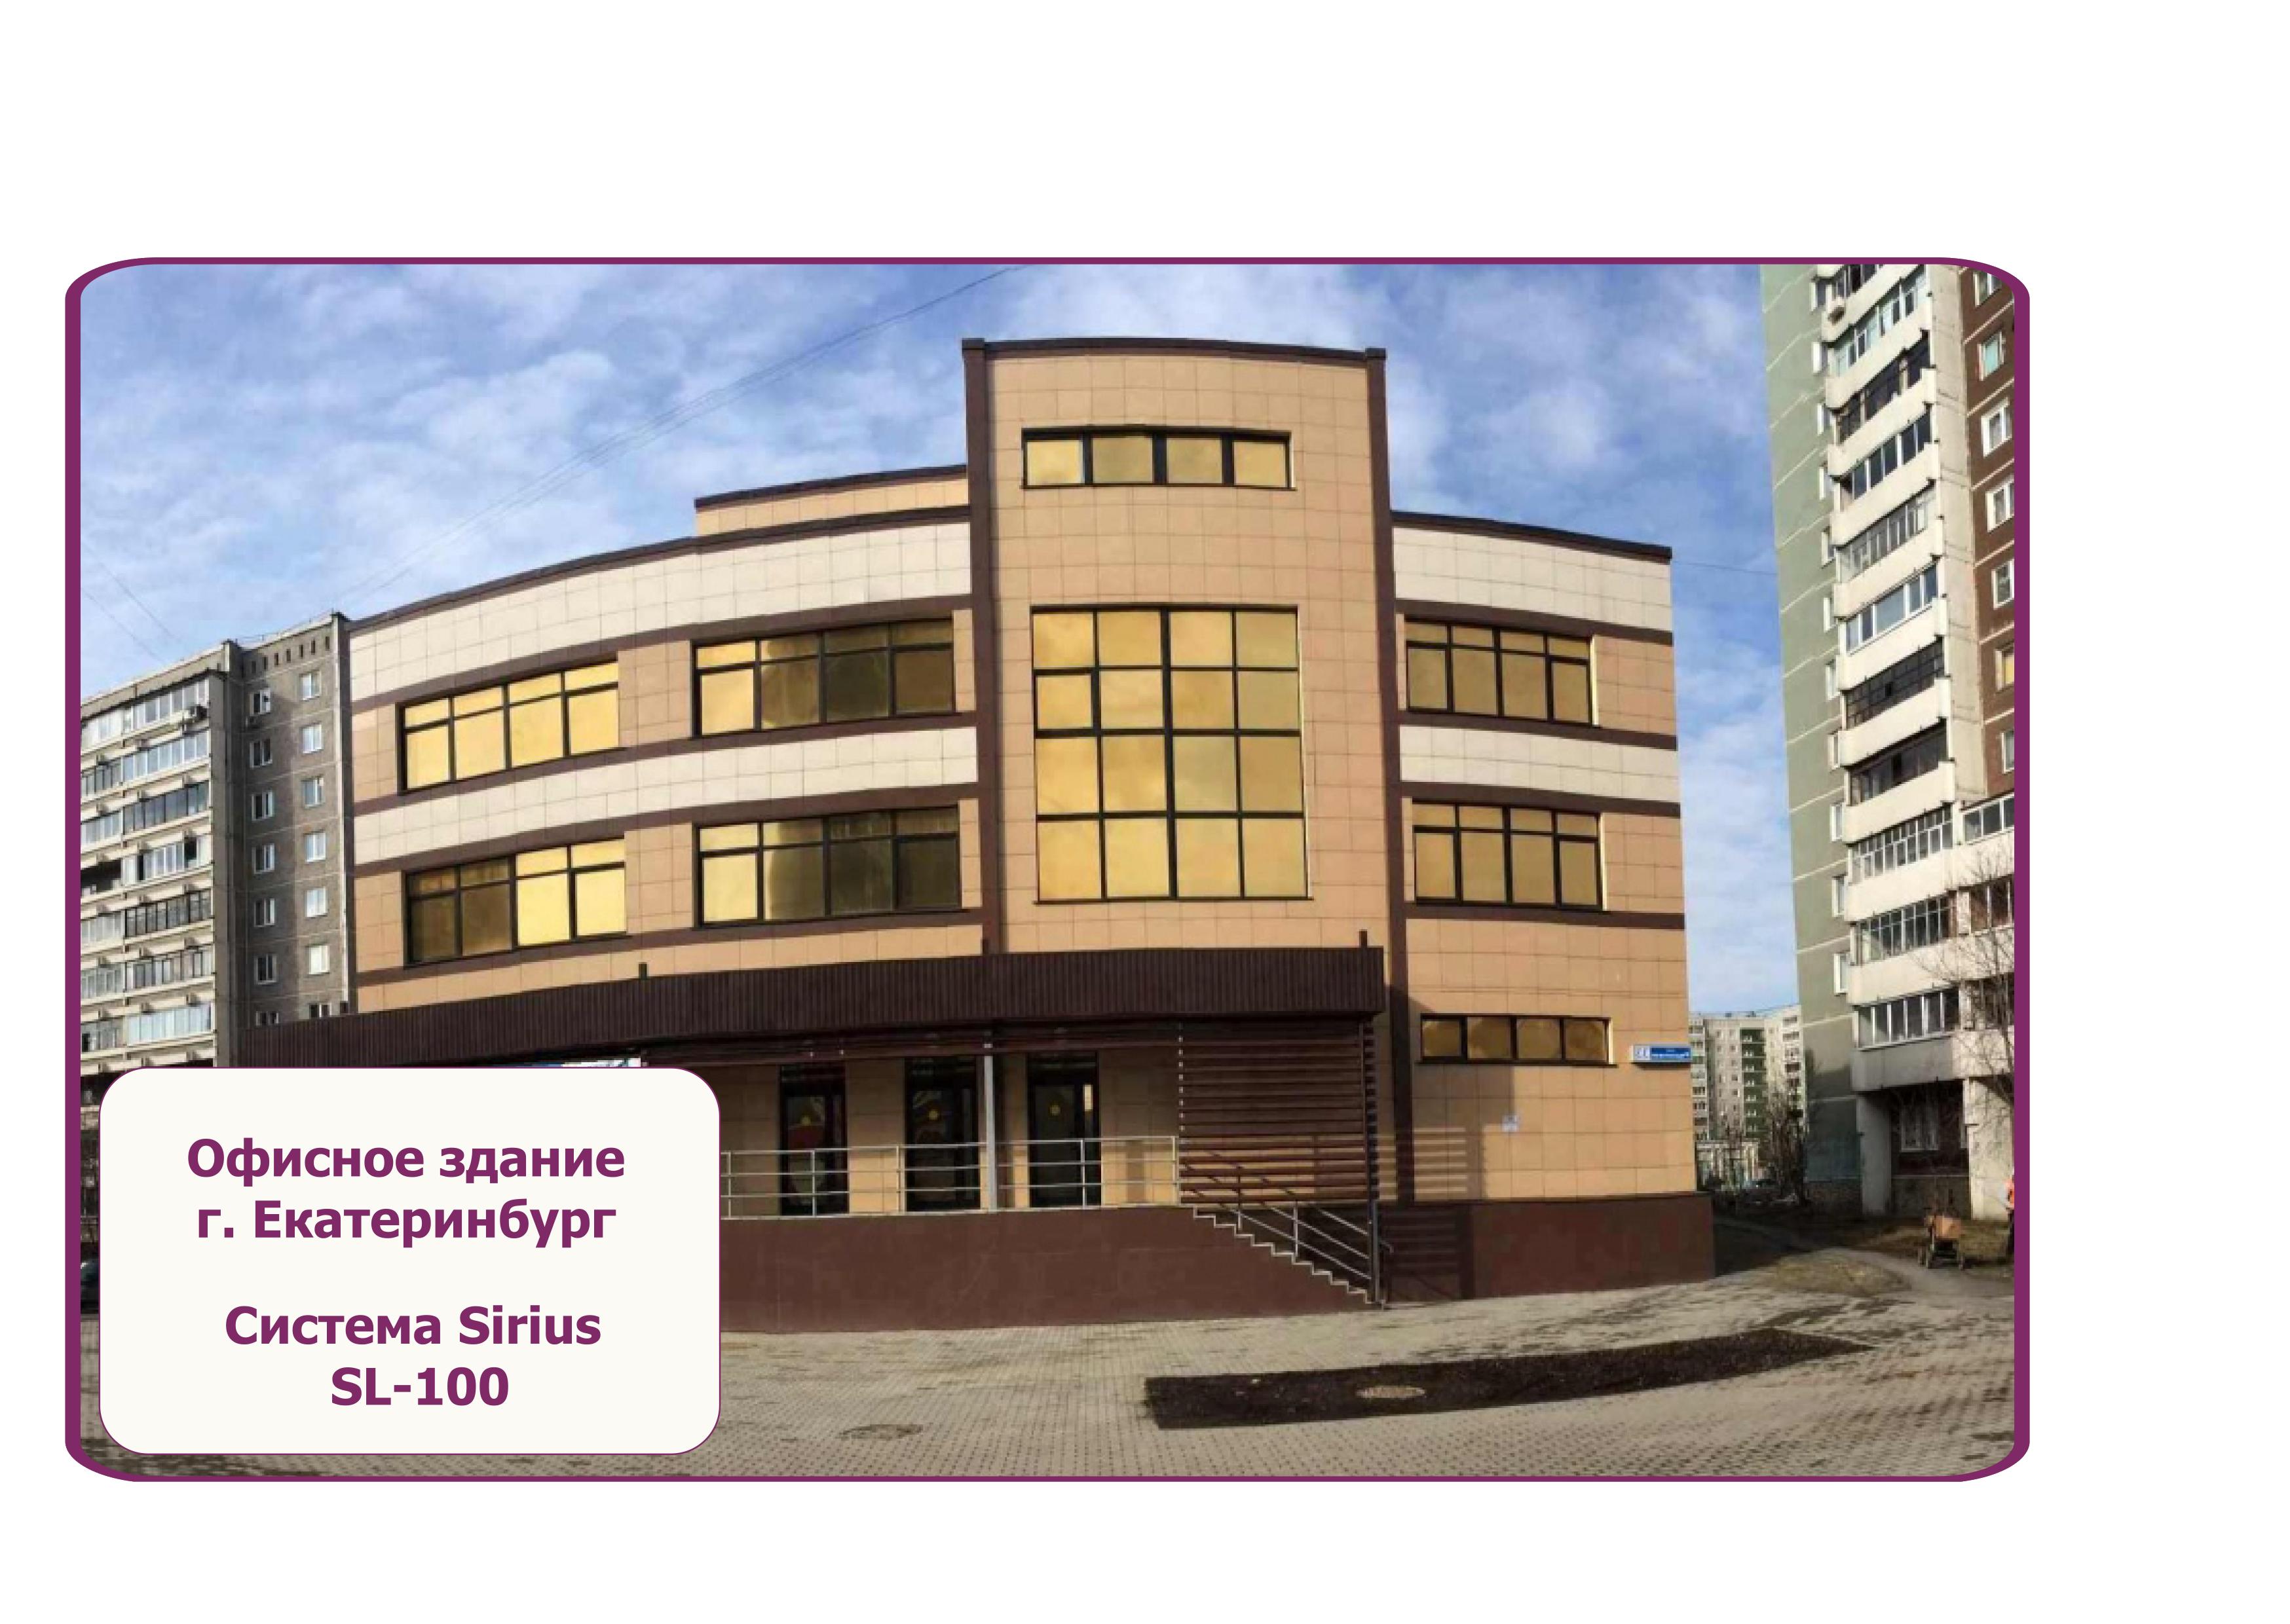 Офисное здание г. Екатеринбург Фасад объекта облицован на алюминиевой подсистеме SIRIUS SL-100 - керамогранитная плитка, классический Т-профиль